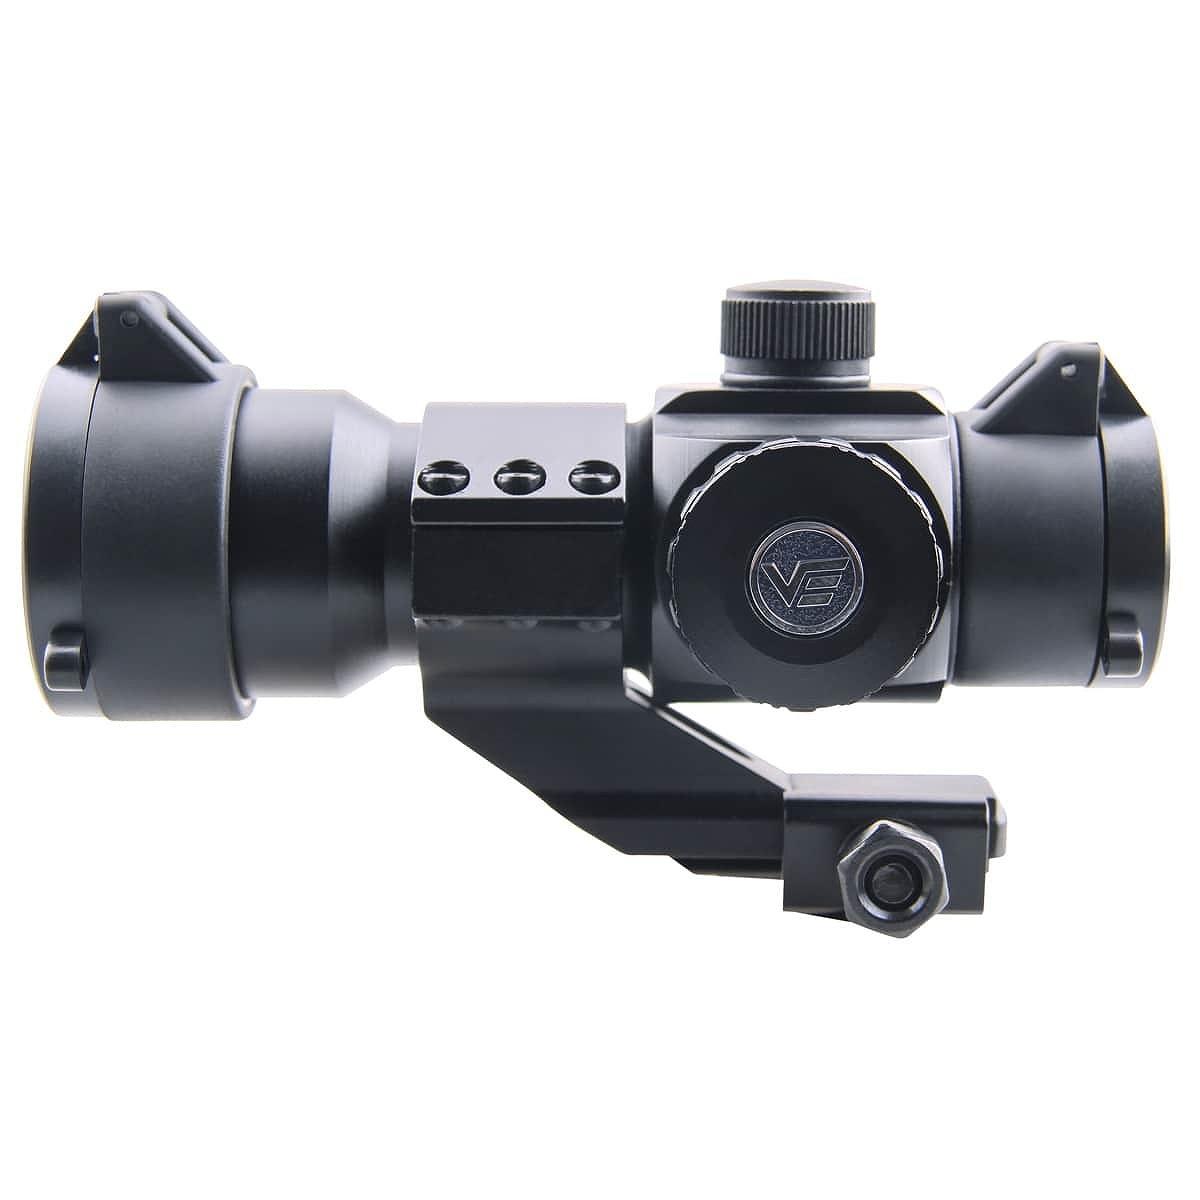 ベクターオプティクス ドットサイト Stinger 1x28  Vector Optics SCRD-05